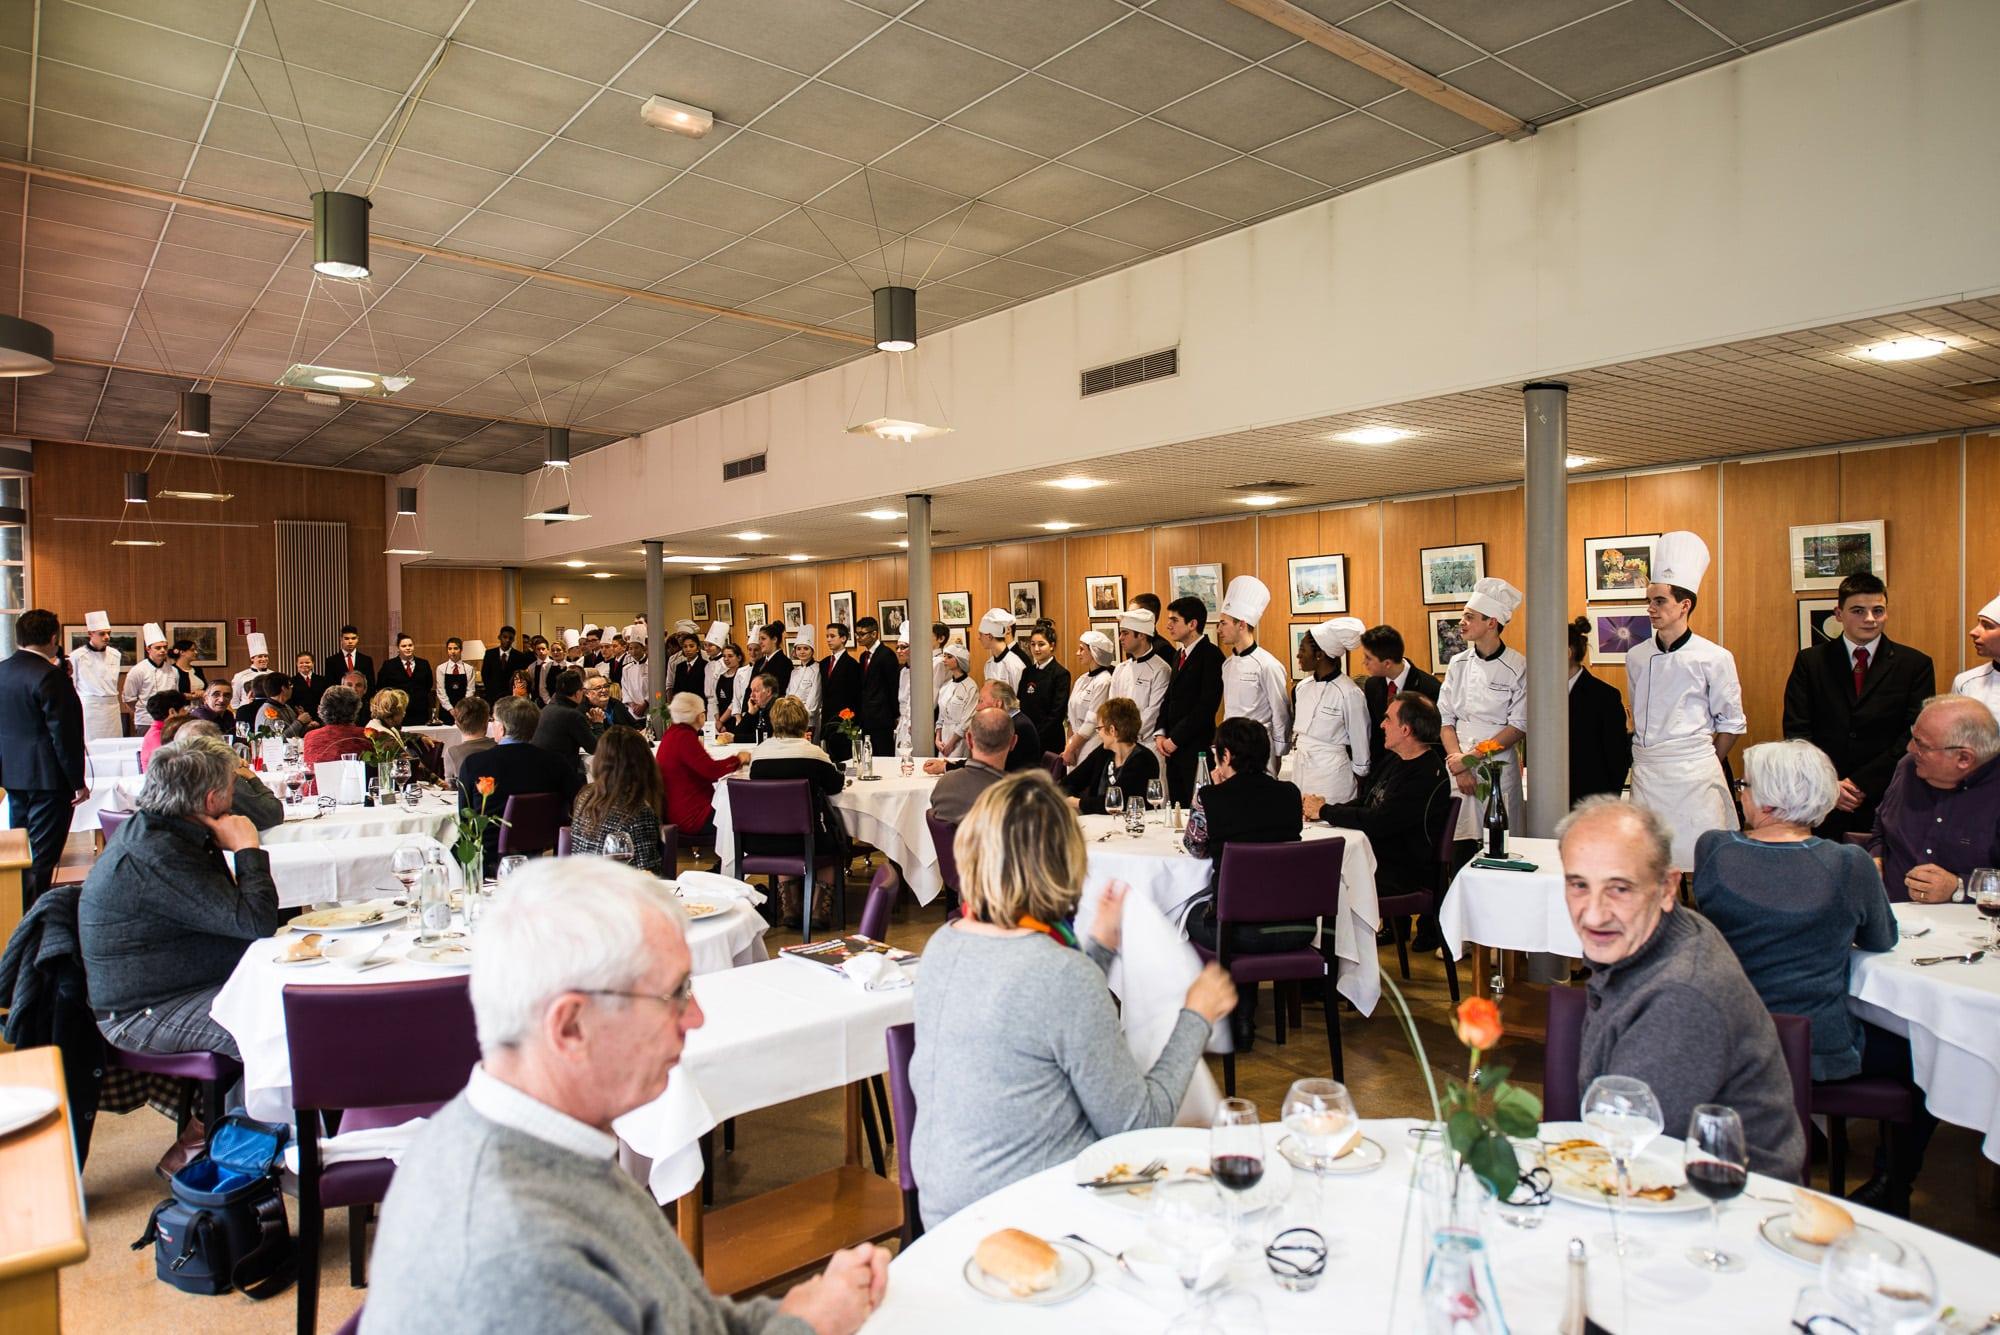 Ecole hoteliere le castel dijon clement bonvalot 19 - Cours de cuisine dijon ...